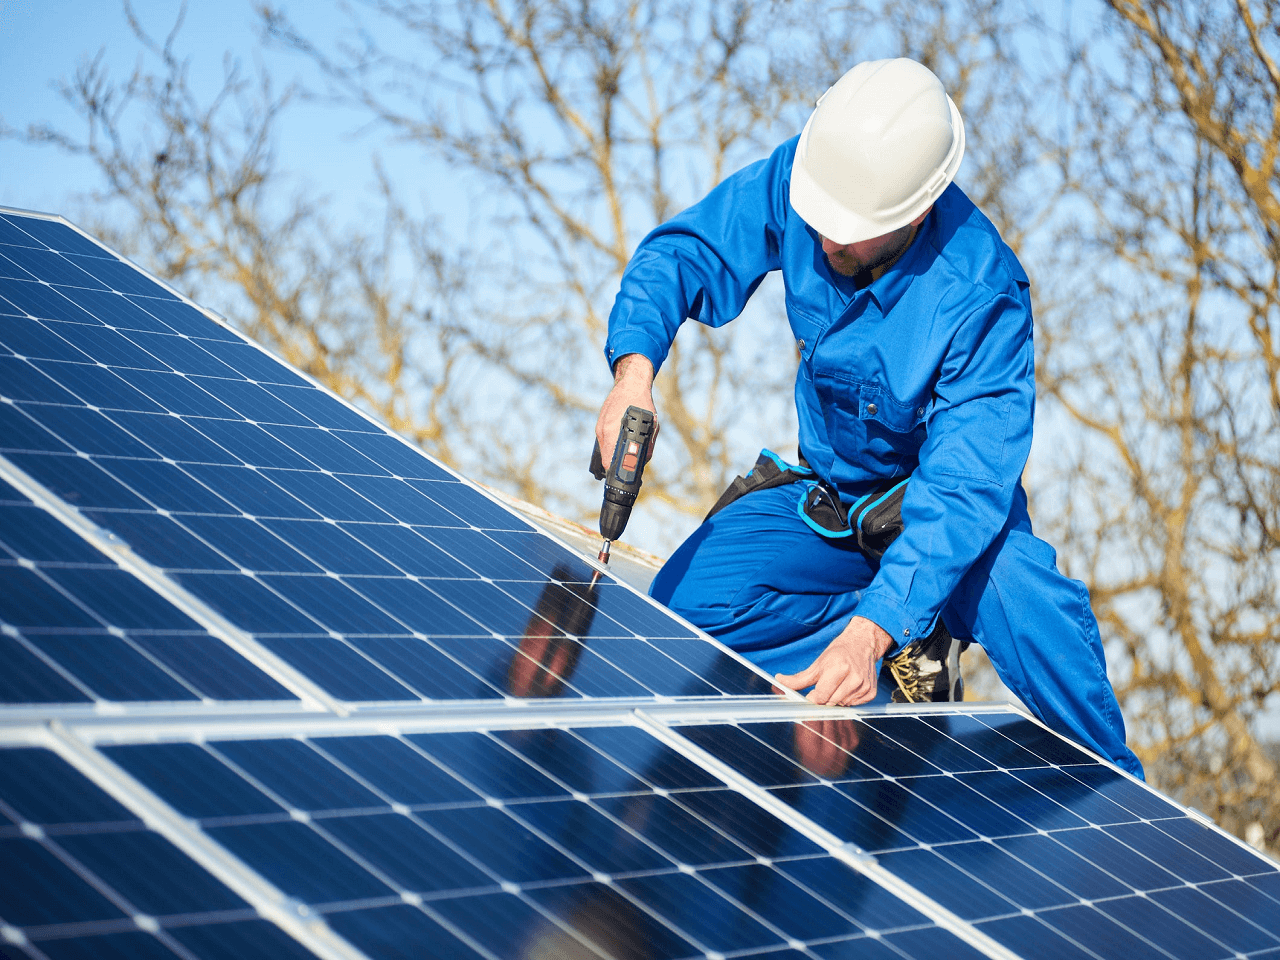 ABD'de Güneş Panelleri İthalatına Yönelik Etkisiz Kılma Başvurusu Yapıldı